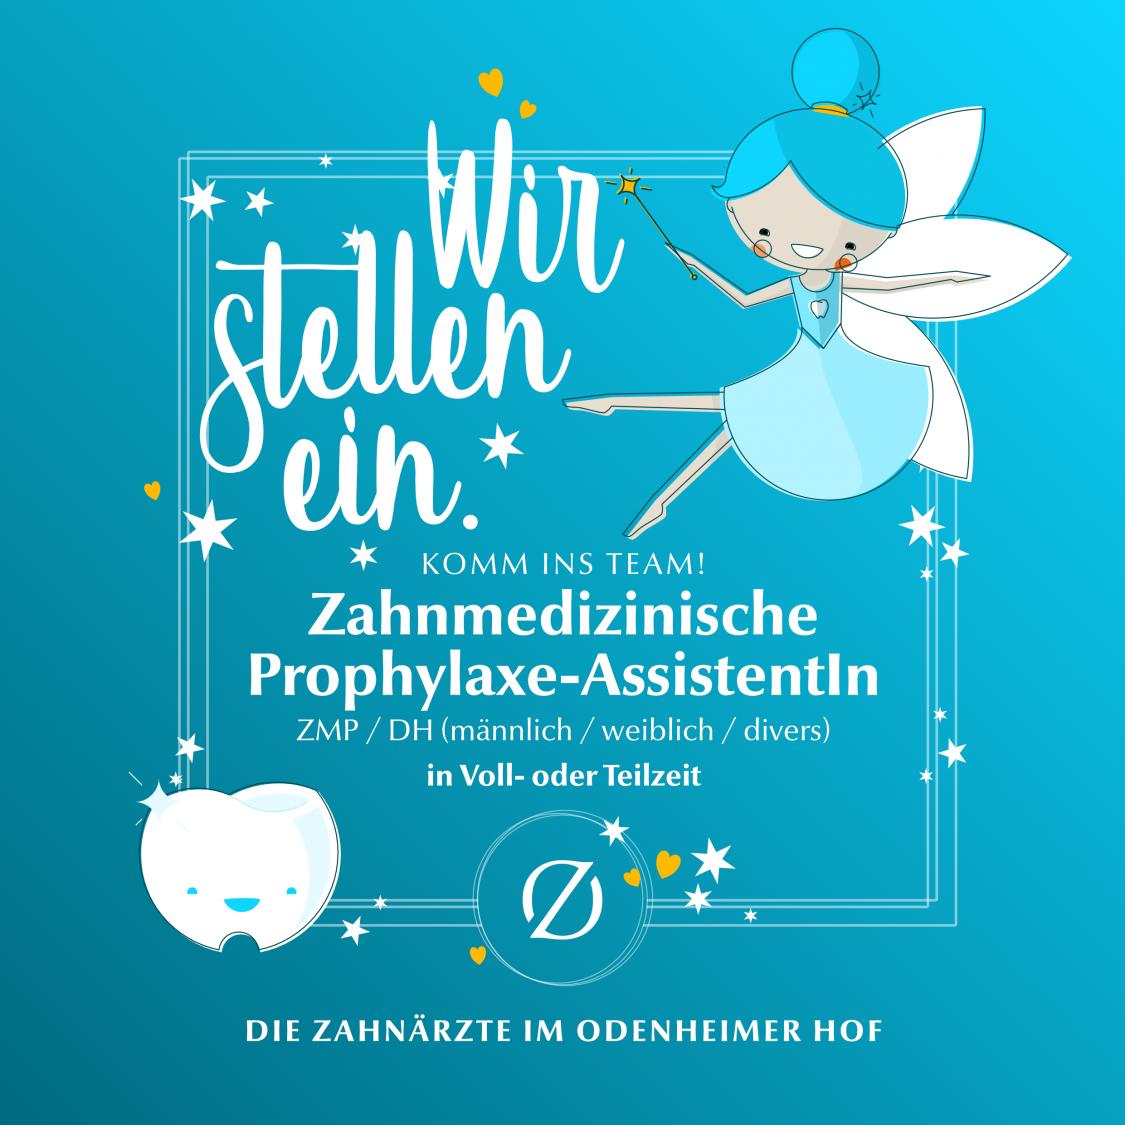 Stellenausschreibung Zahnmedizinische(r) Prophylaxe-AssistentIn (ZMP / DH) in Voll- oder Teilzeit – Die Zahnärzte im Odenheimer Hof – Leingarten (Heilbronn) - Dr. Alexander Mitsch M.Sc. & Dr. Jan Felix Hartl M.Sc.